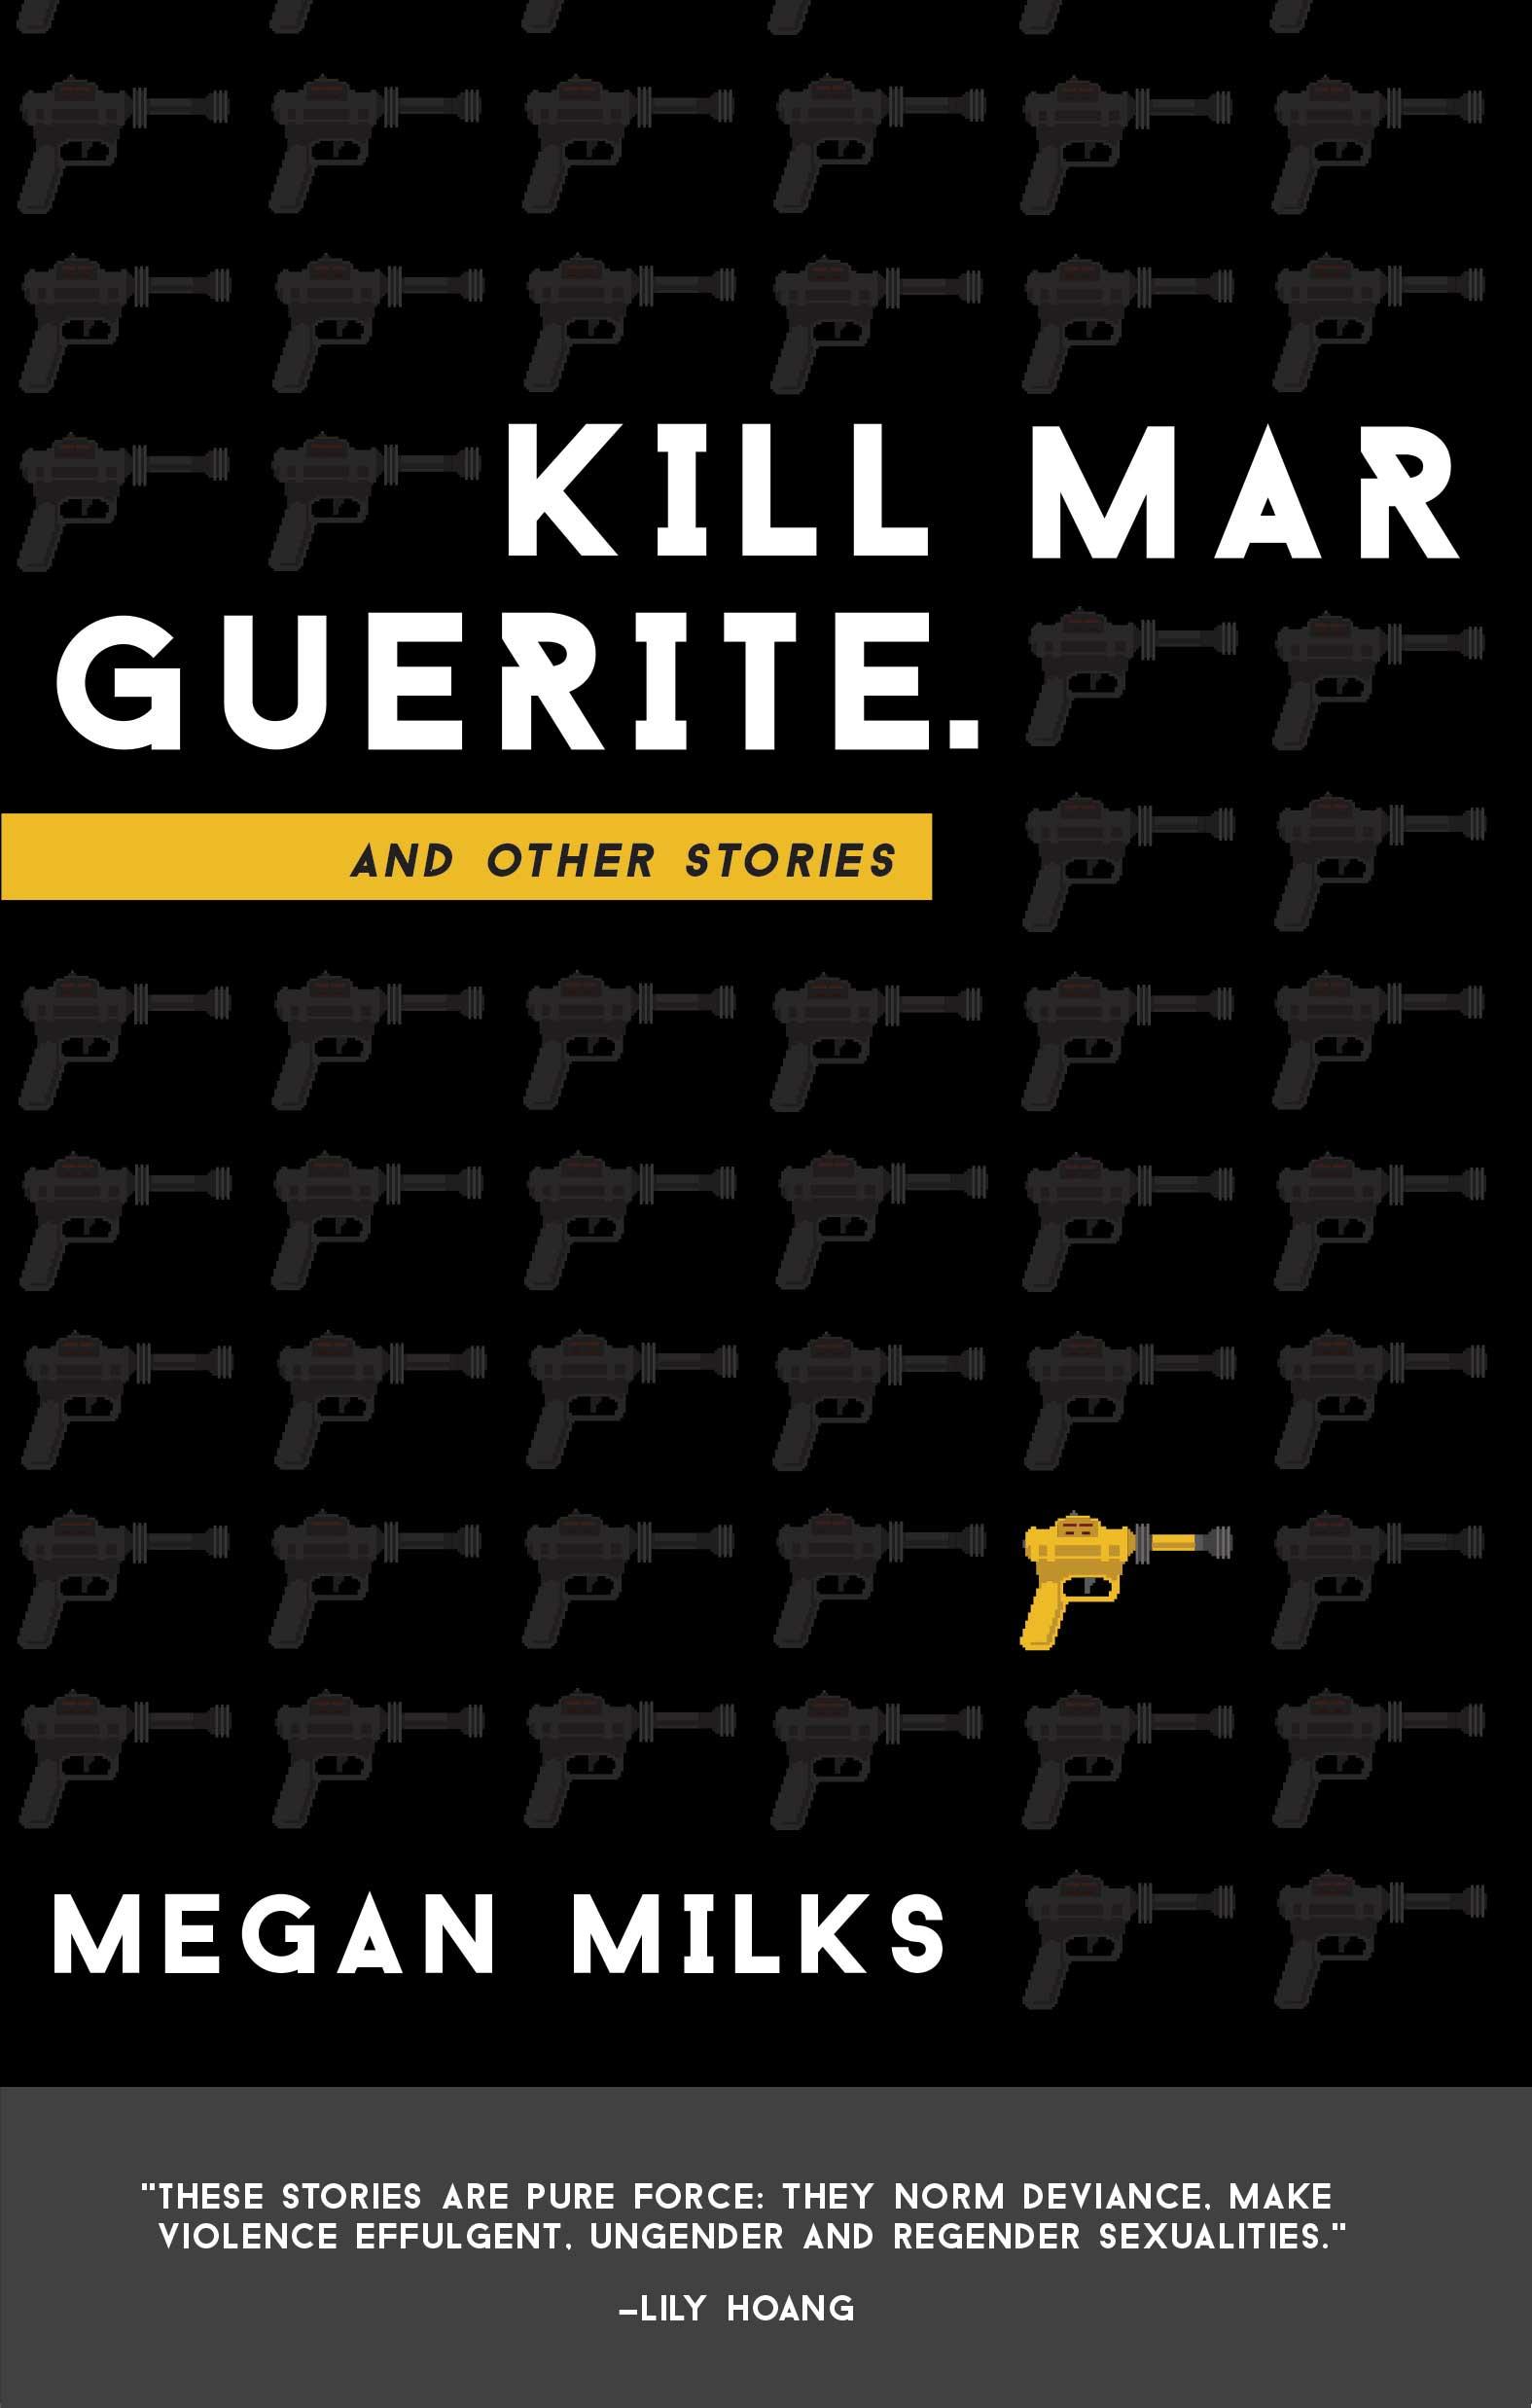 KillMarguerite